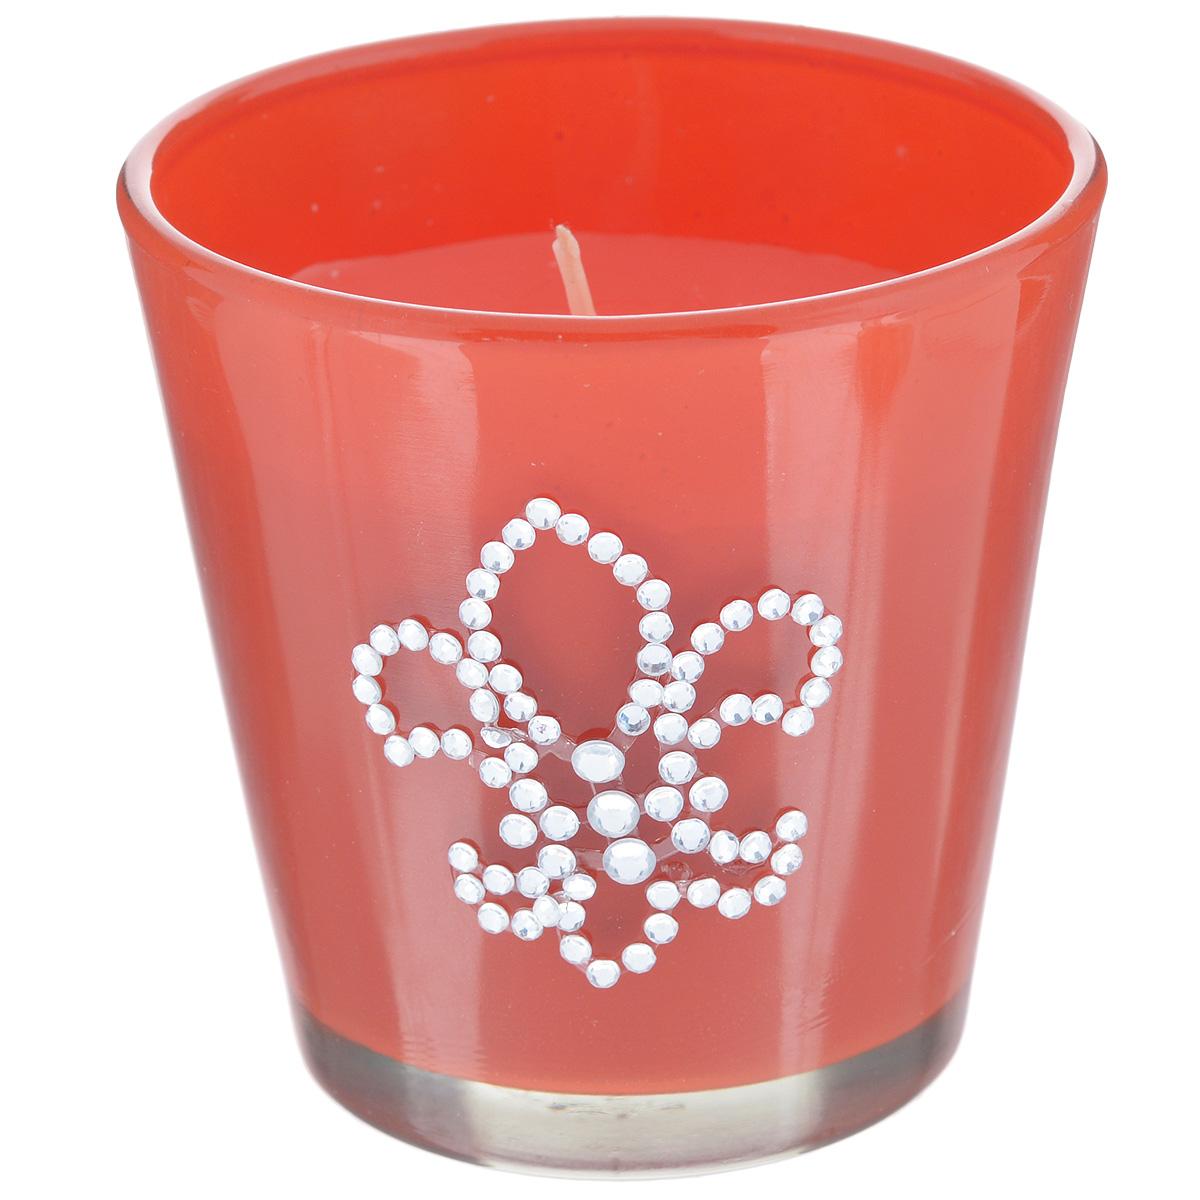 Свеча декоративная Феникс-презент Апельсин, ароматизированнаяES-412Оригинальная ароматизированная свеча Феникс-презент Апельсин, изготовленная из парафина, помещена в стакан из матового стекла, декорированный стразами. Свеча наполнит вашу комнату приятным цитрусовым ароматом и создаст в ней уютную атмосферу. Вы можете поставить свечу в любом месте, где она будет удачно смотреться и радовать глаз. Кроме того, эта свеча - отличный вариант подарка для ваших близких и друзей.